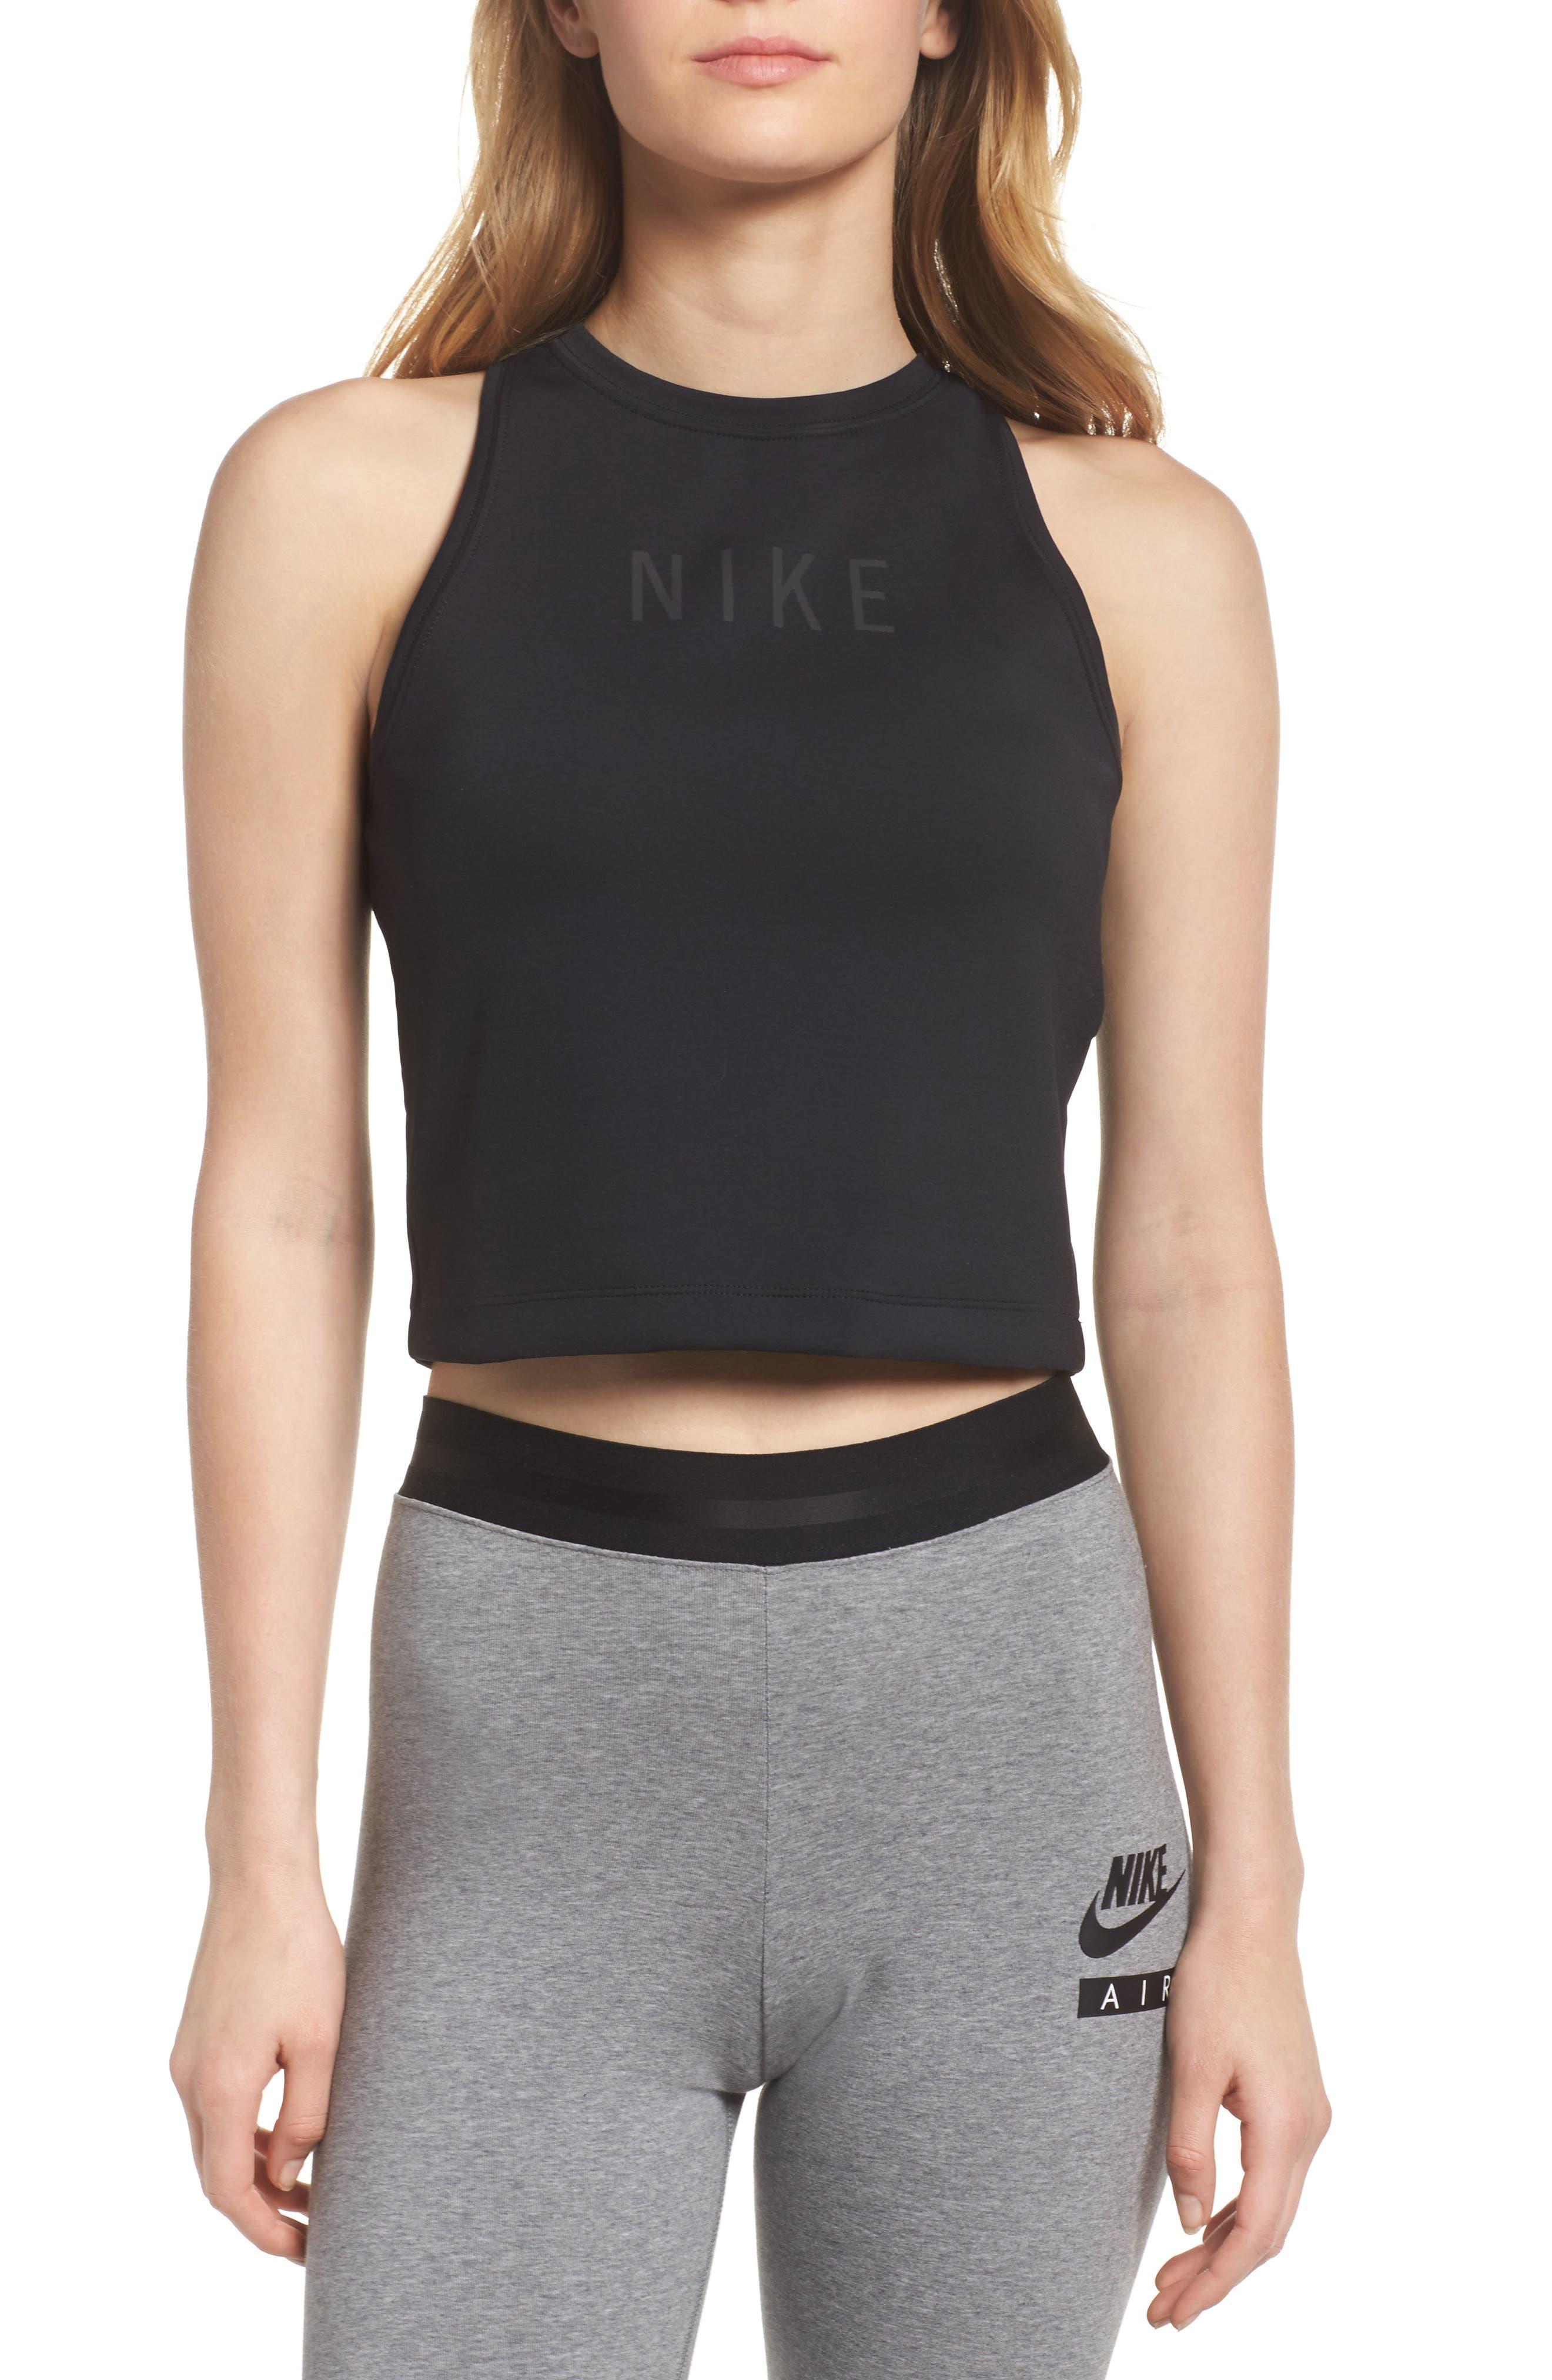 Nike Sportswear Premium Women's Racerback Tank